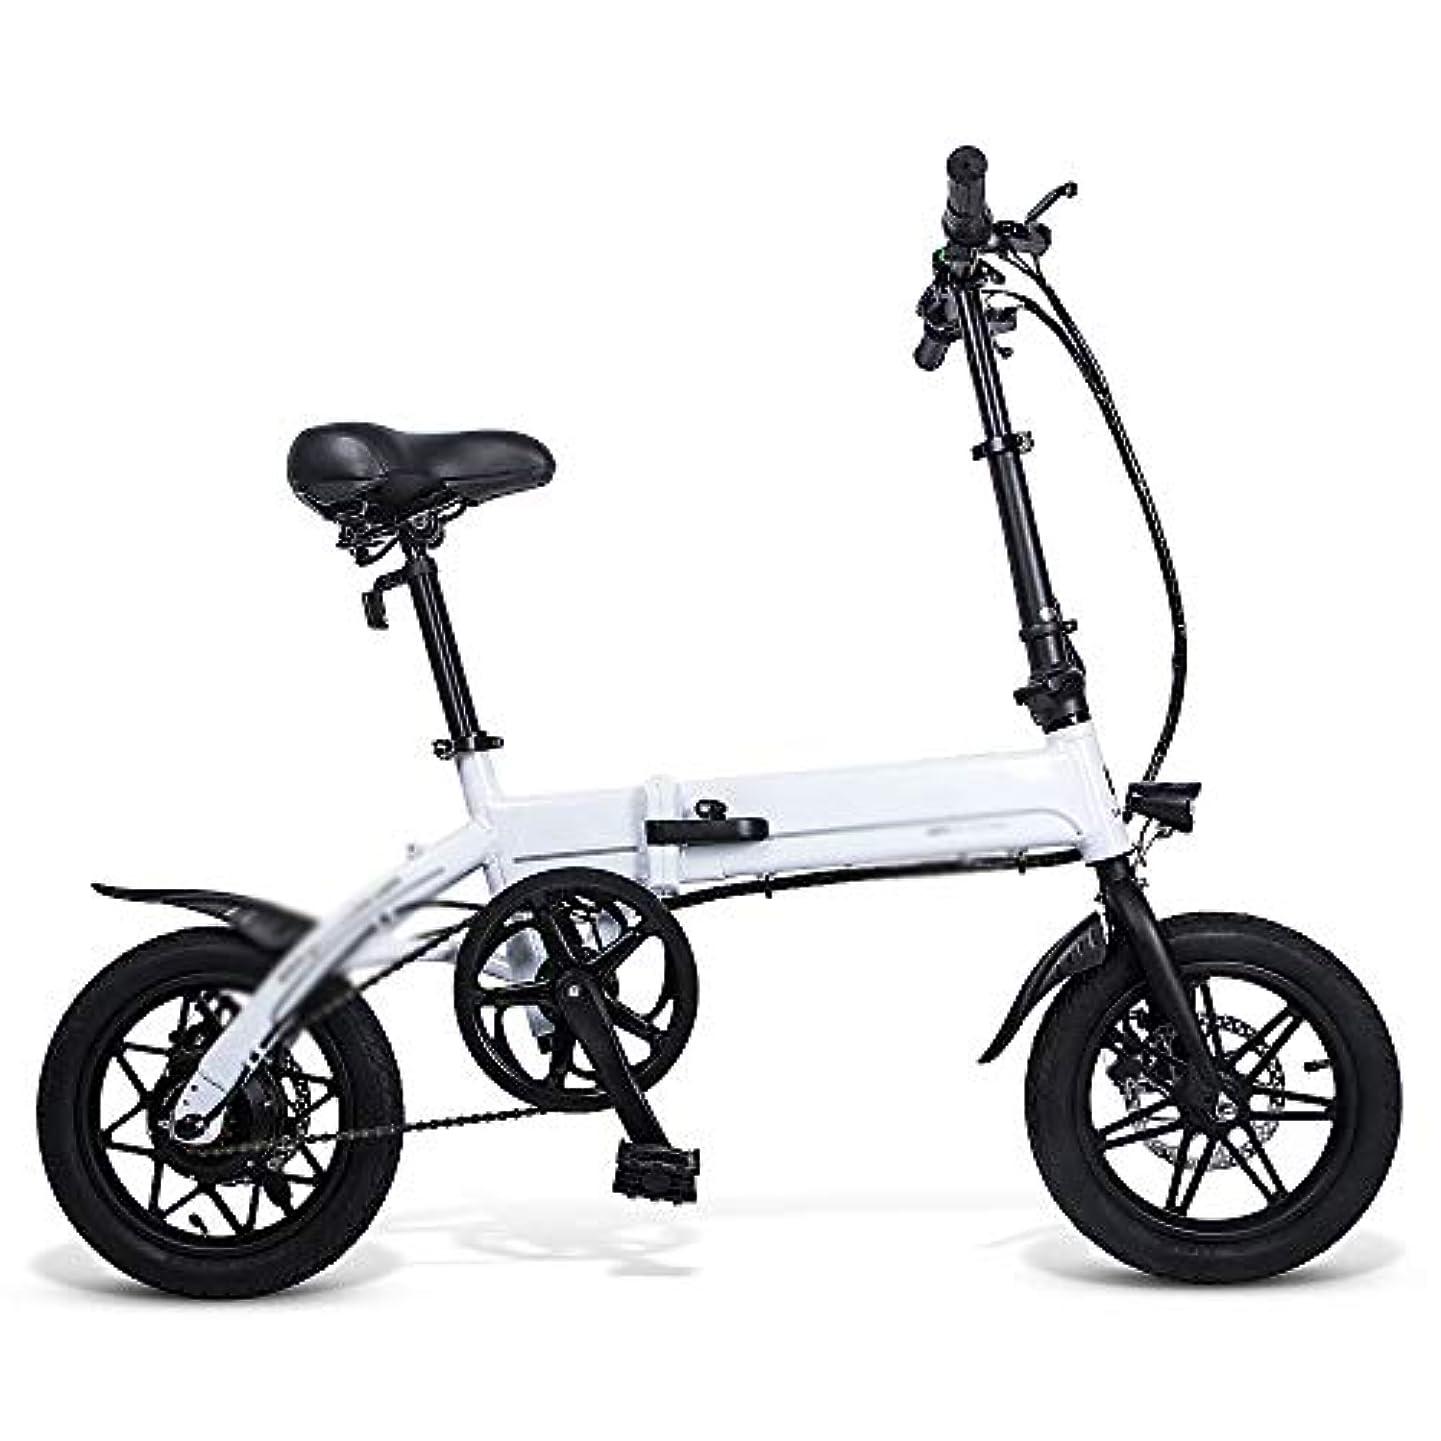 午後彼テメリティ折りたたみ式電動自転車Ebike、14インチ250Wアルミニウムシティコミューター自転車、7.8AHリチウム電池、デュアルディスクブレーキ、大人および10代向けペダル付き